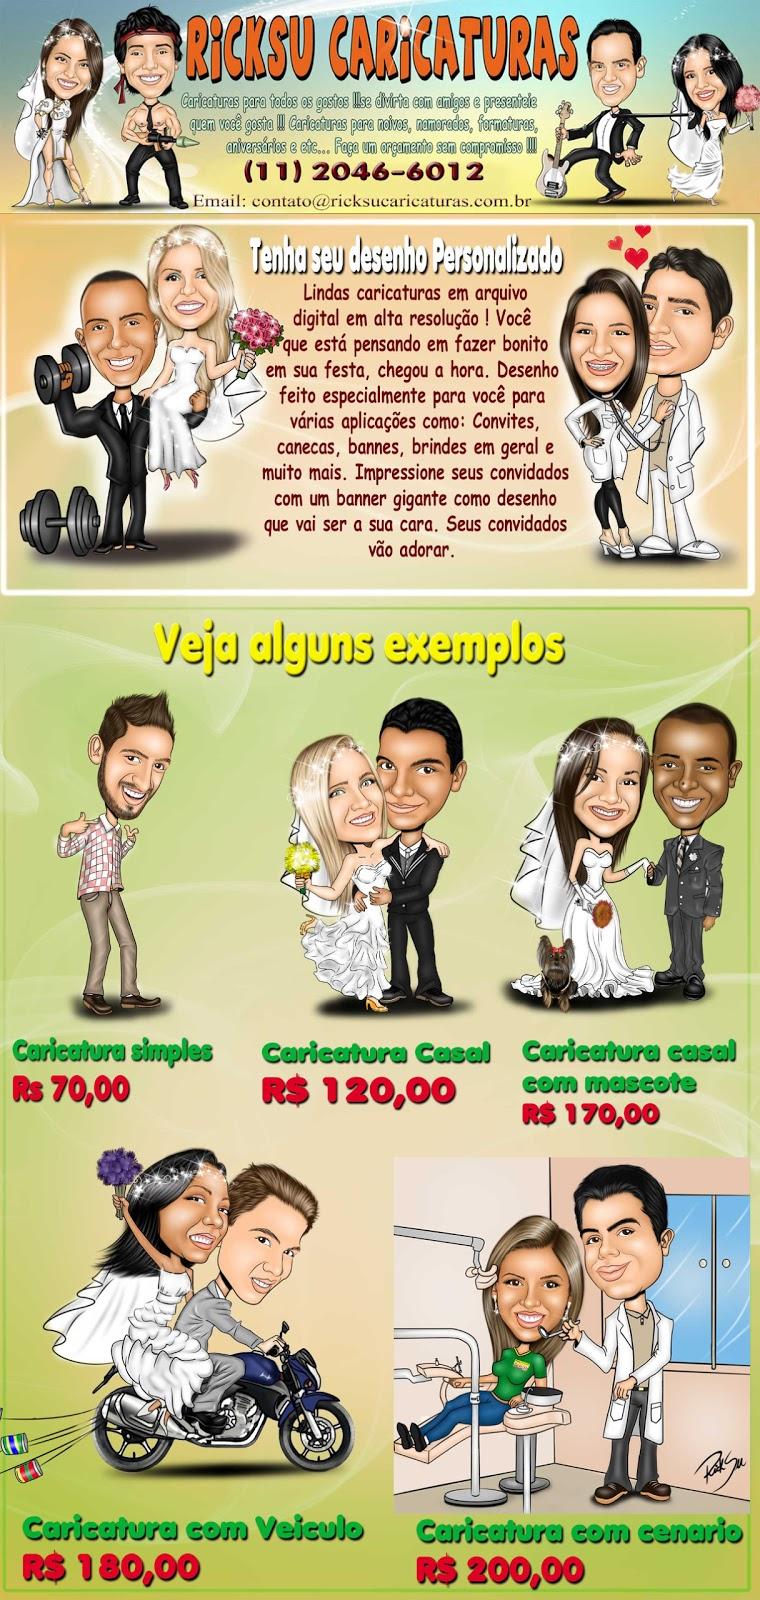 caricaturas coloridas apartir de 70,00 reais